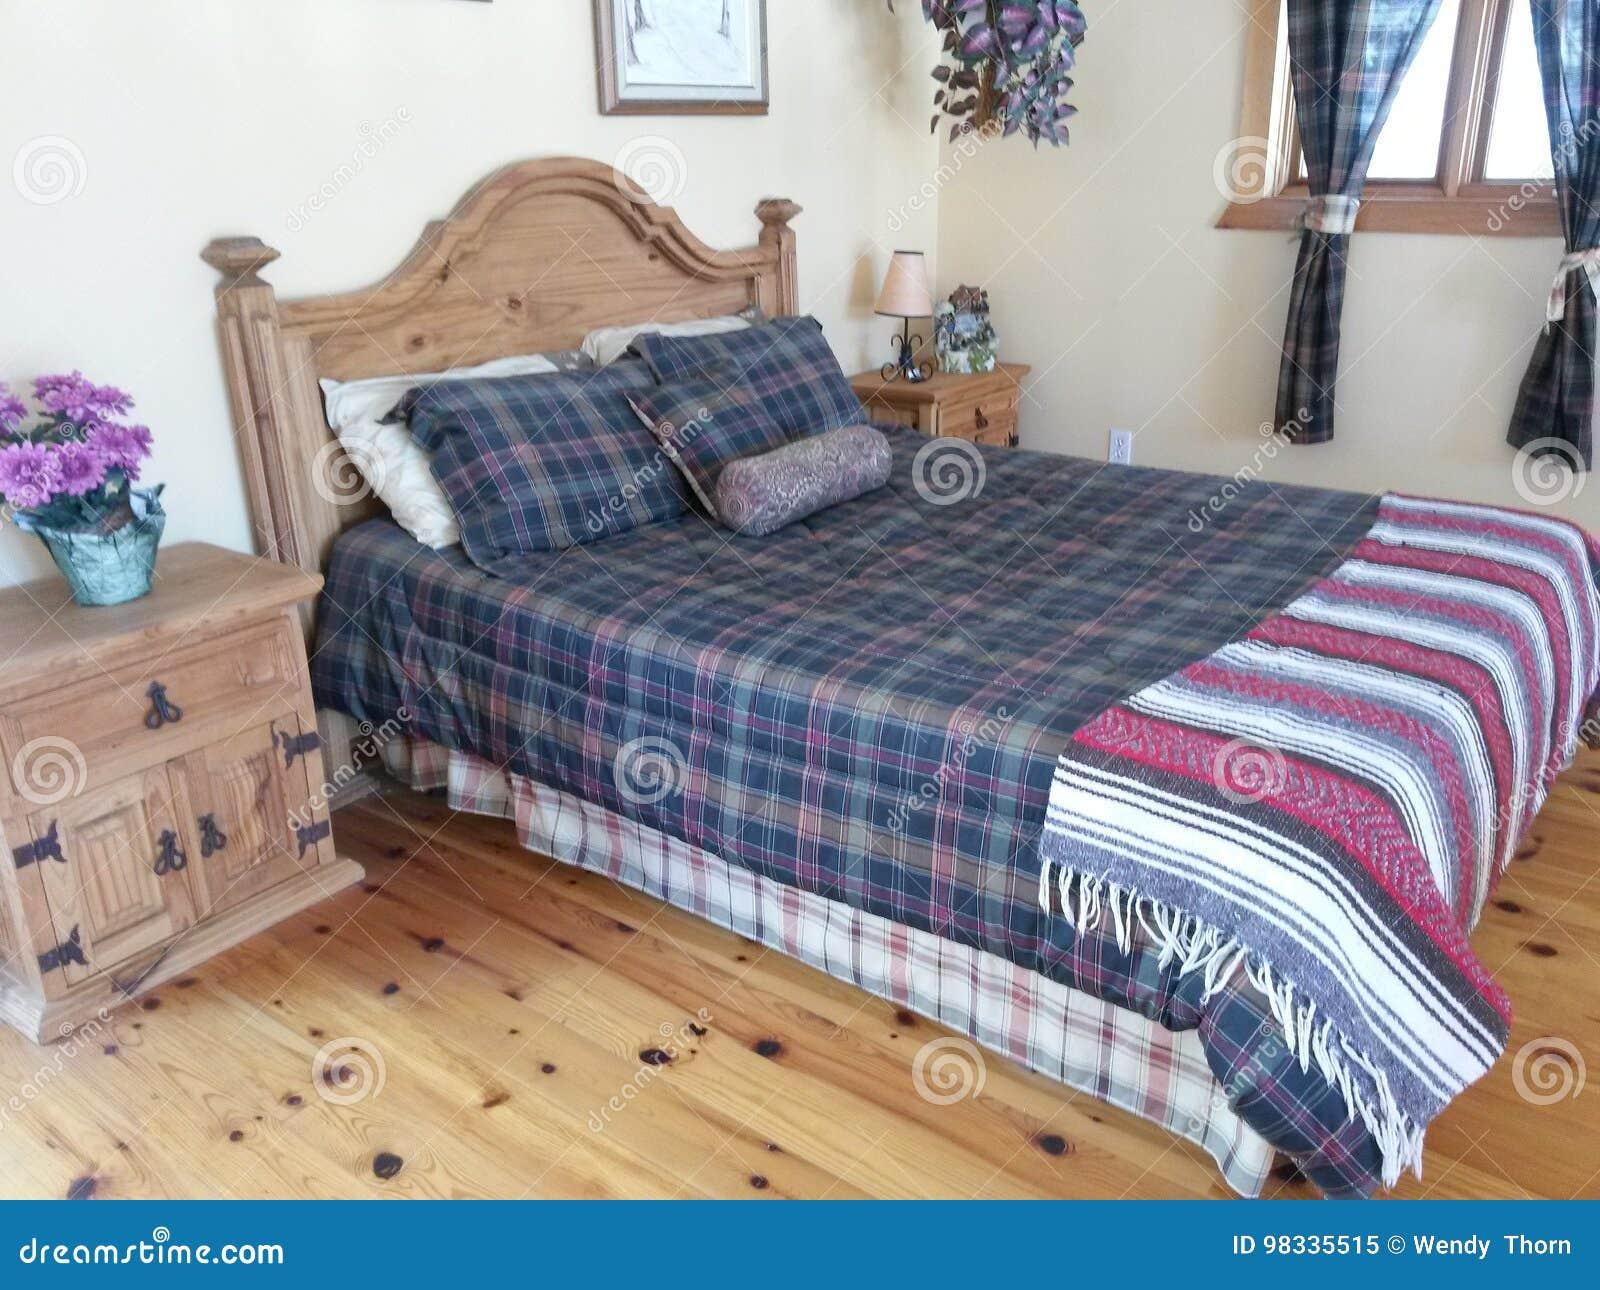 Pisos modernos de la cama de madera sólida de los muebles del dormitorio